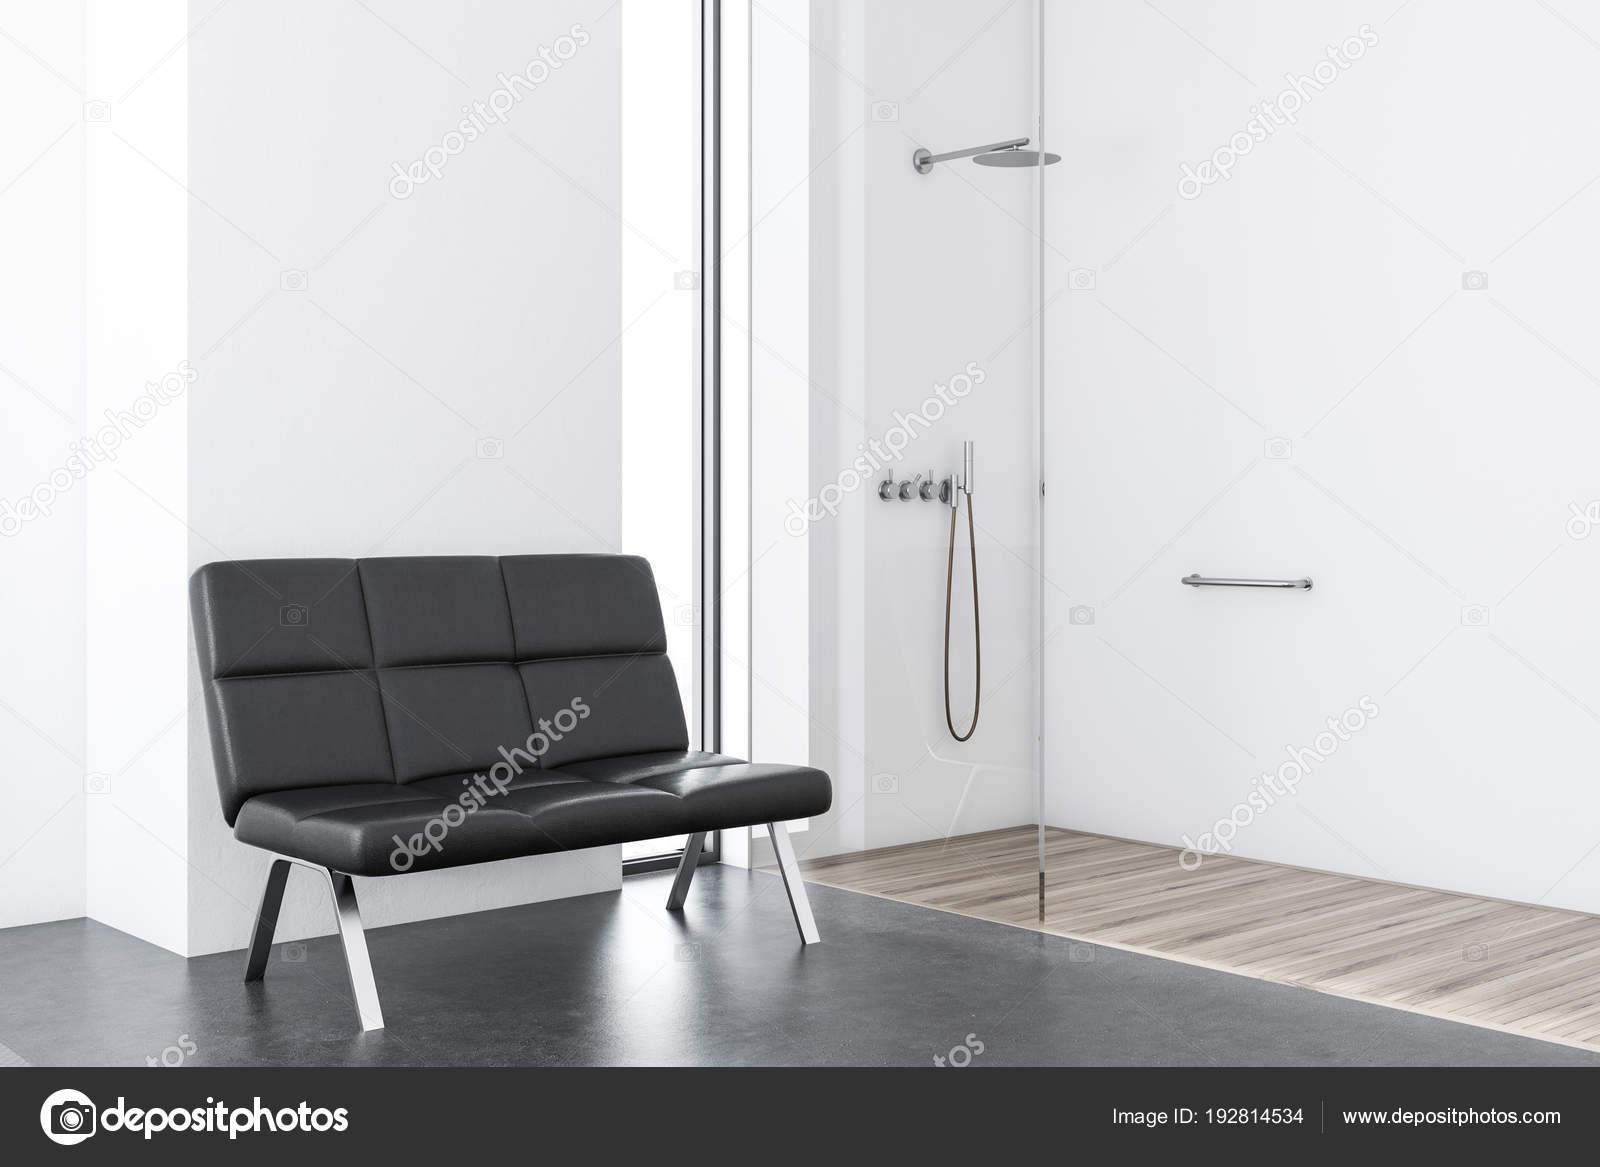 Inloopdouche Met Bak : Mooie jonge vrouw met nat haar na douche stock afbeelding